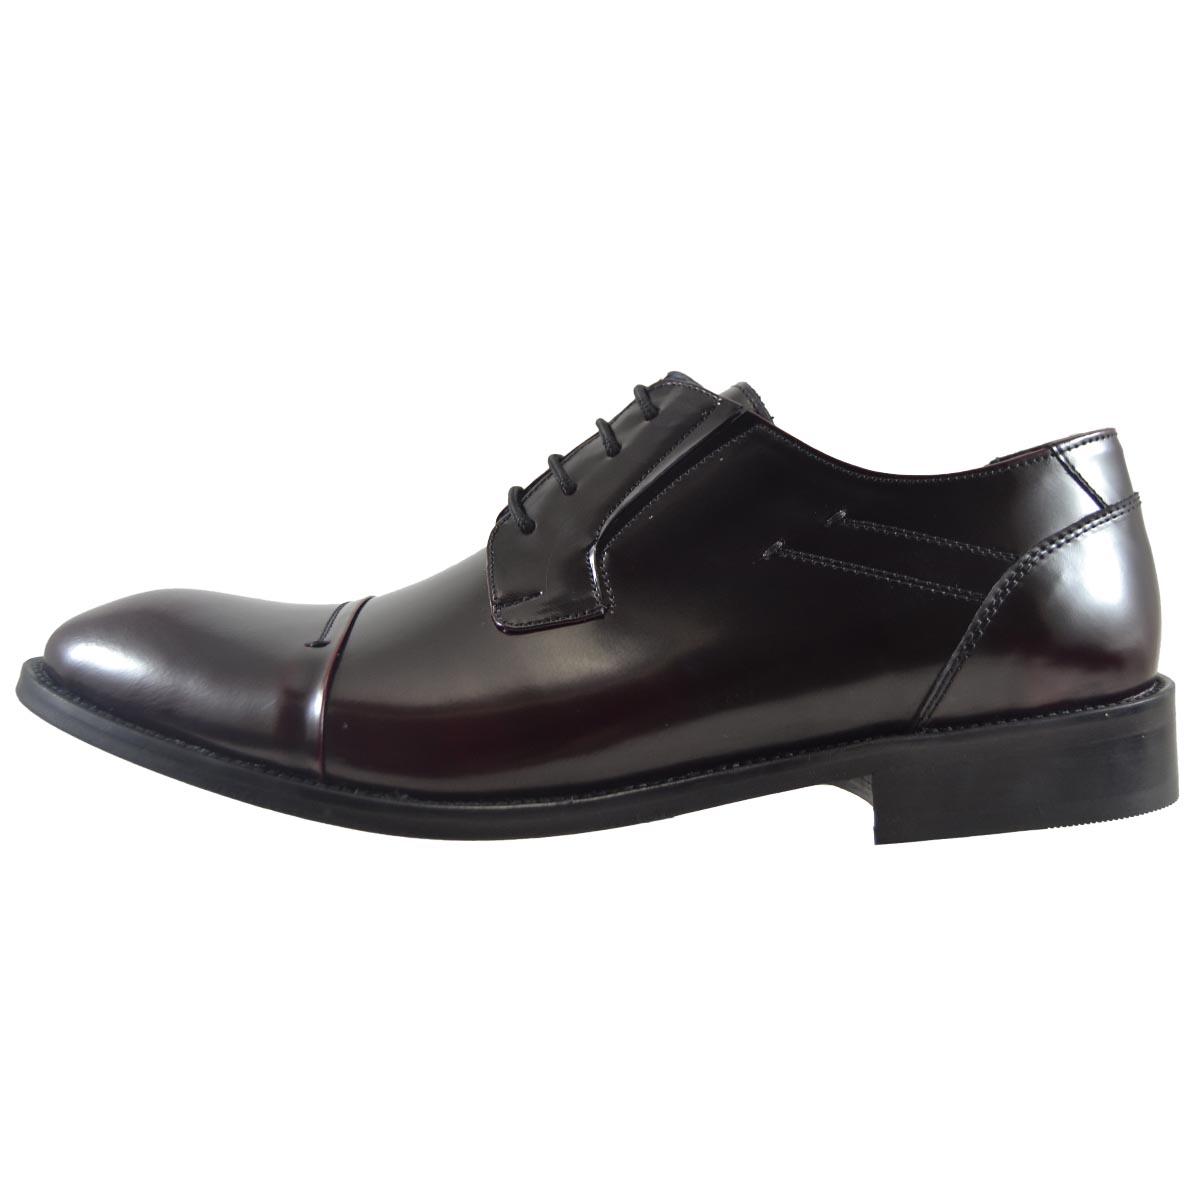 کفش مردانه کد 270             , خرید اینترنتی